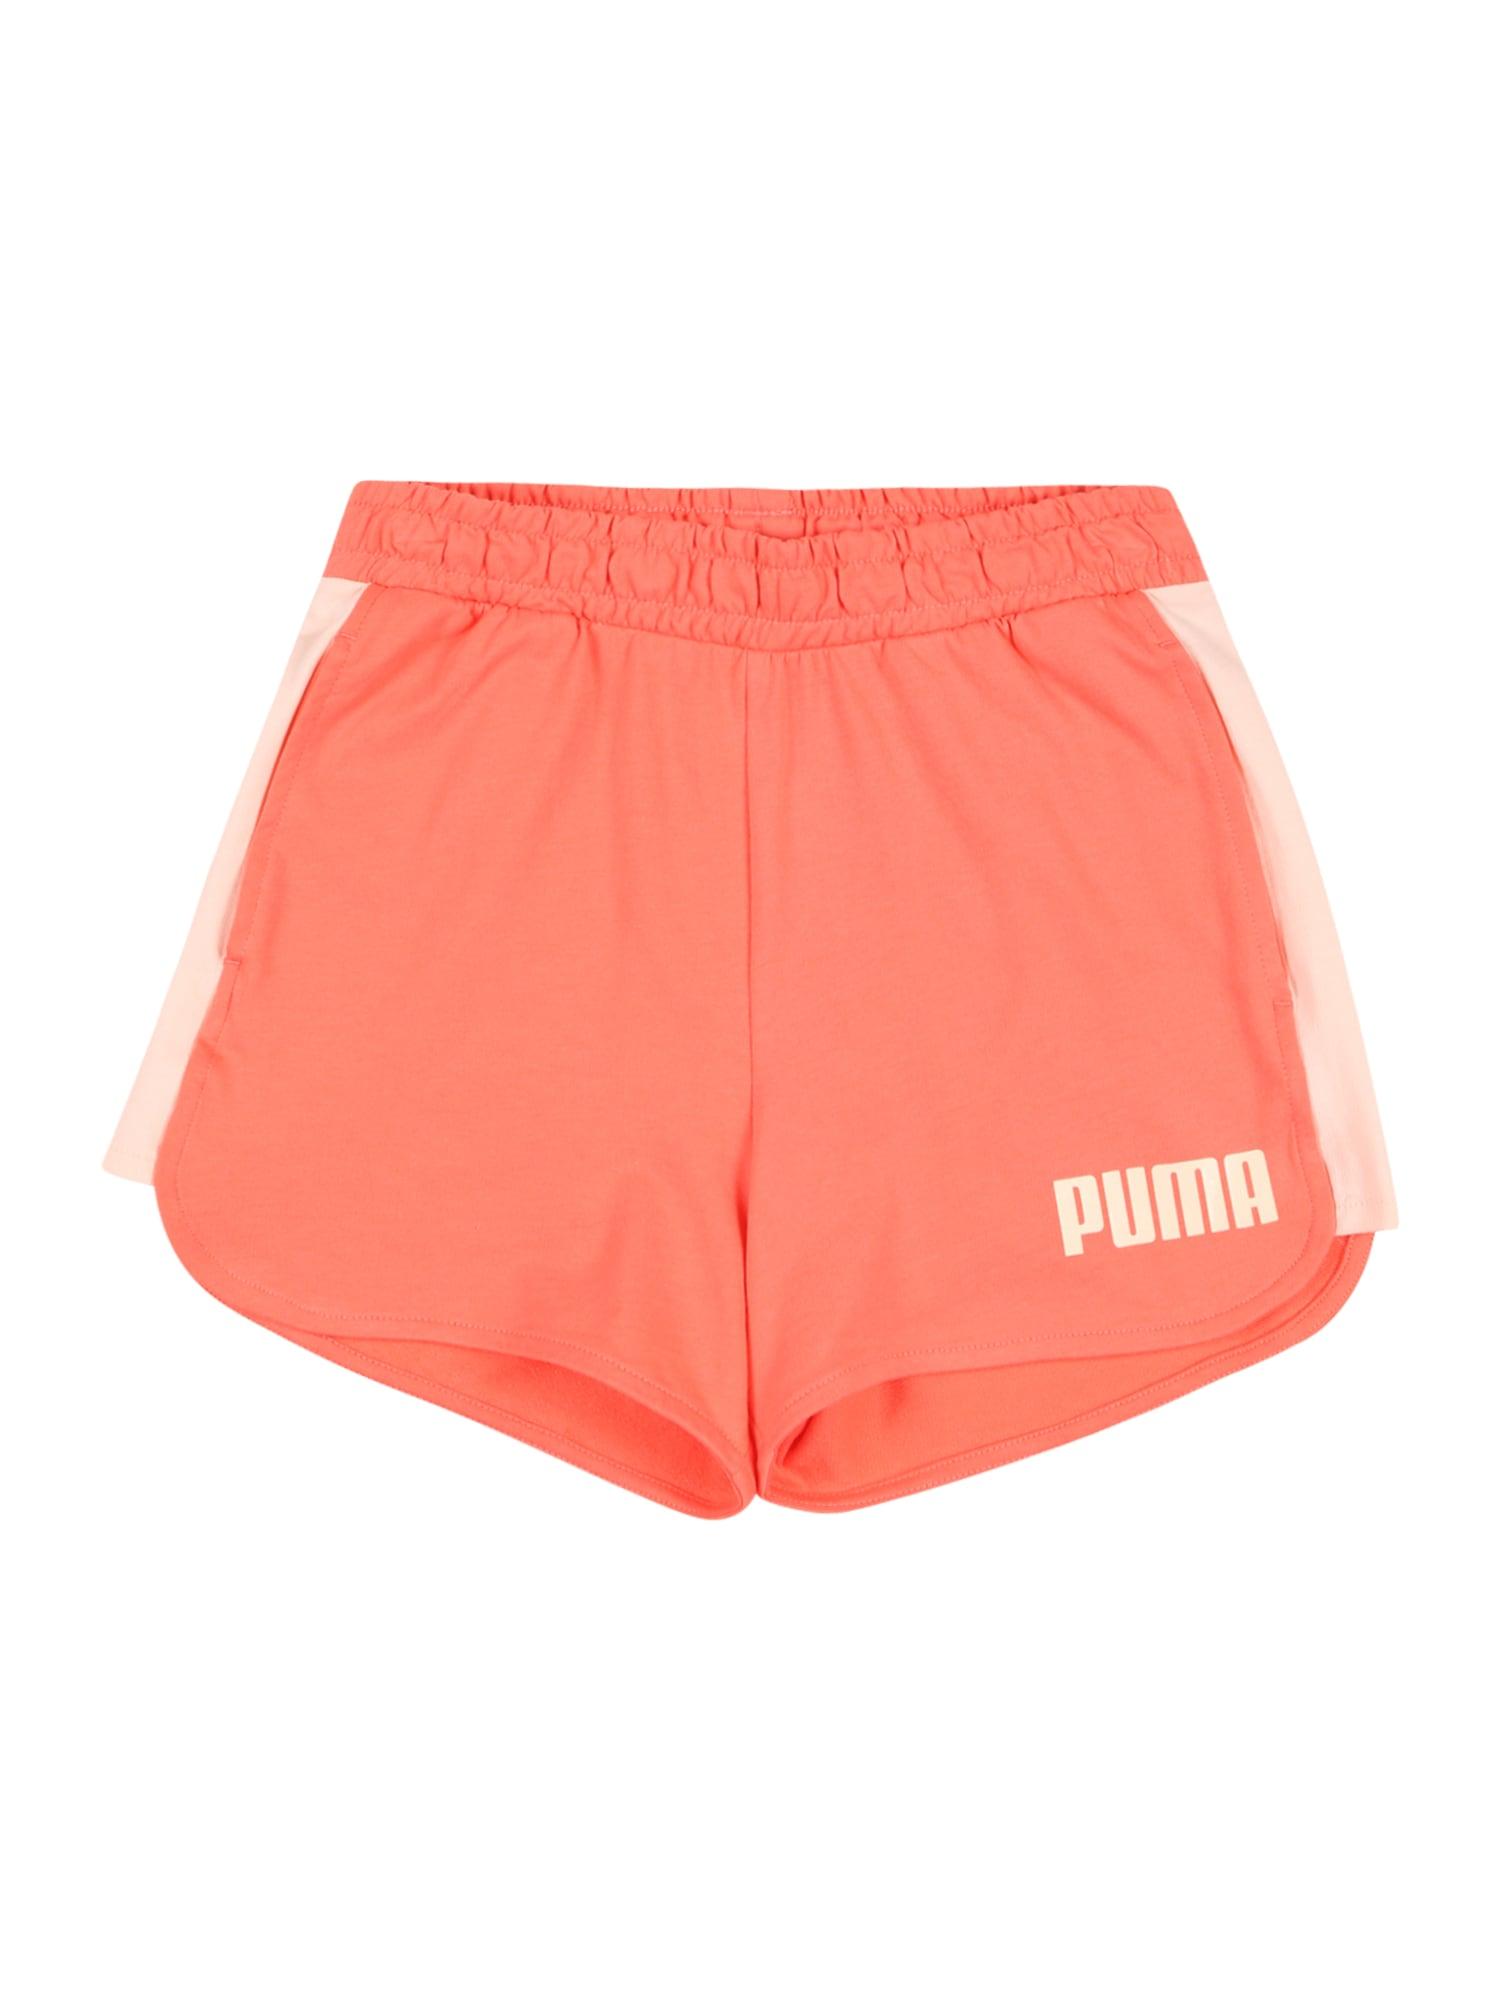 PUMA Kalhoty 'Alpha'  broskvová / korálová